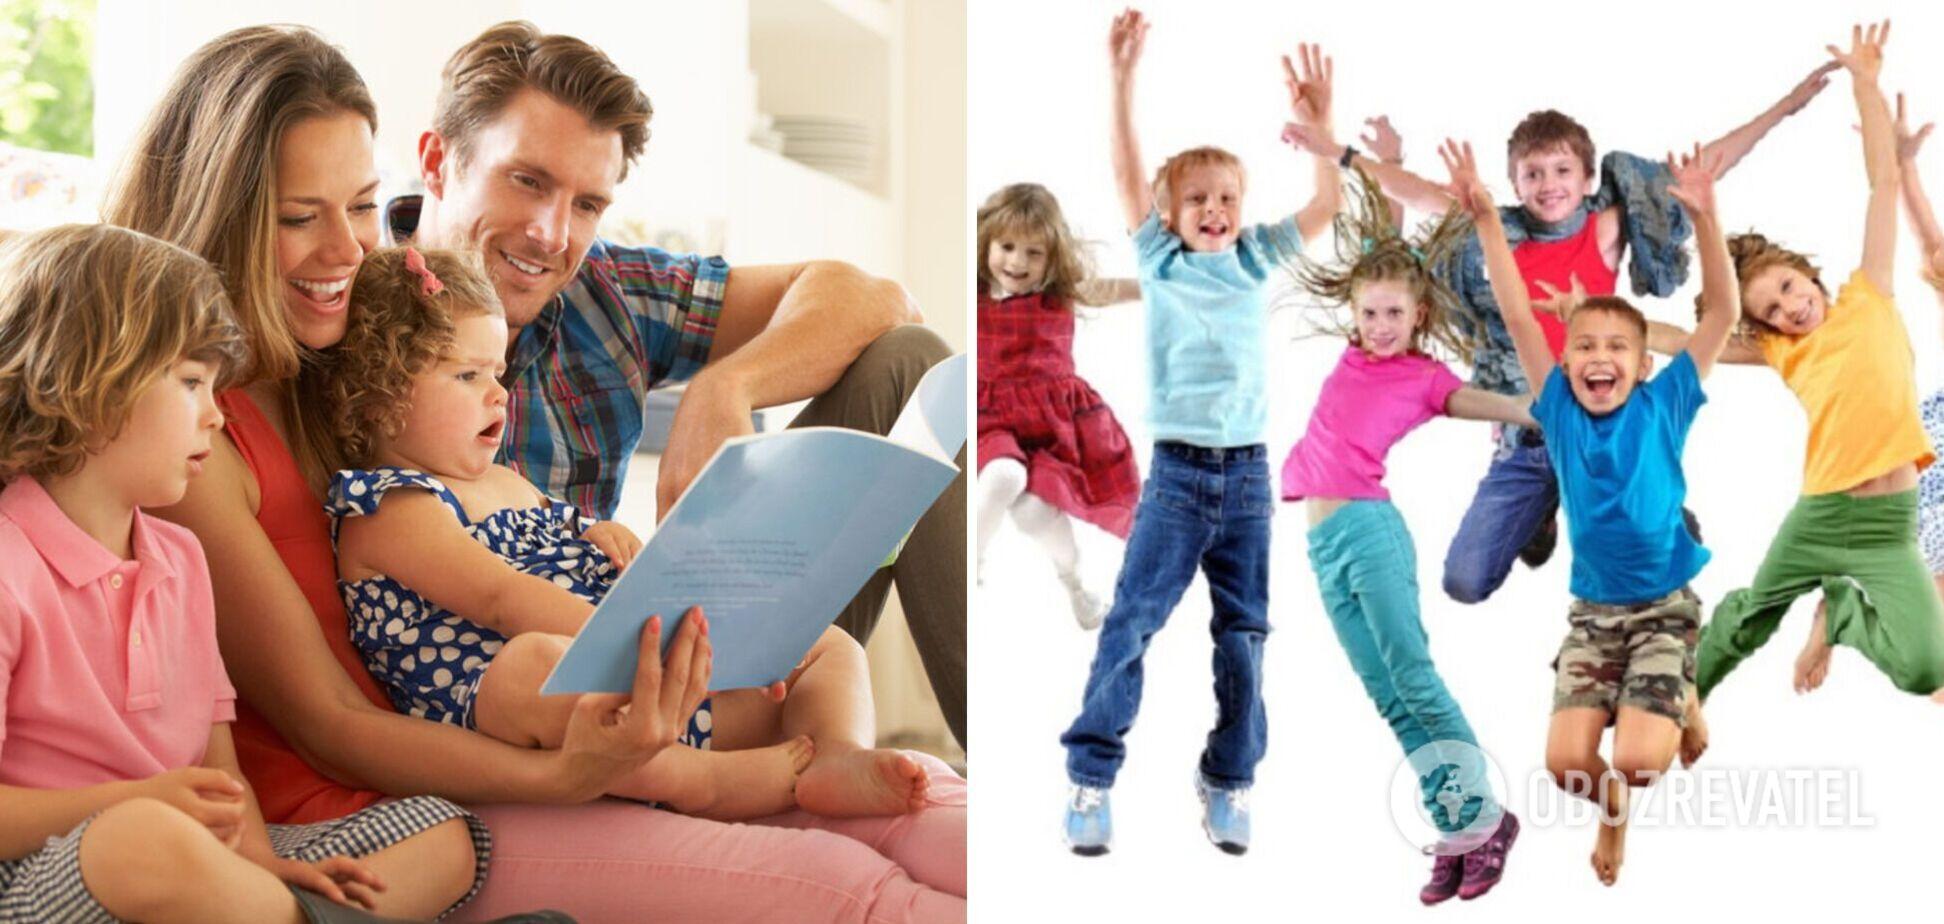 Агов! Батьки/бабусі! Хваліть дітей, але знайте міру